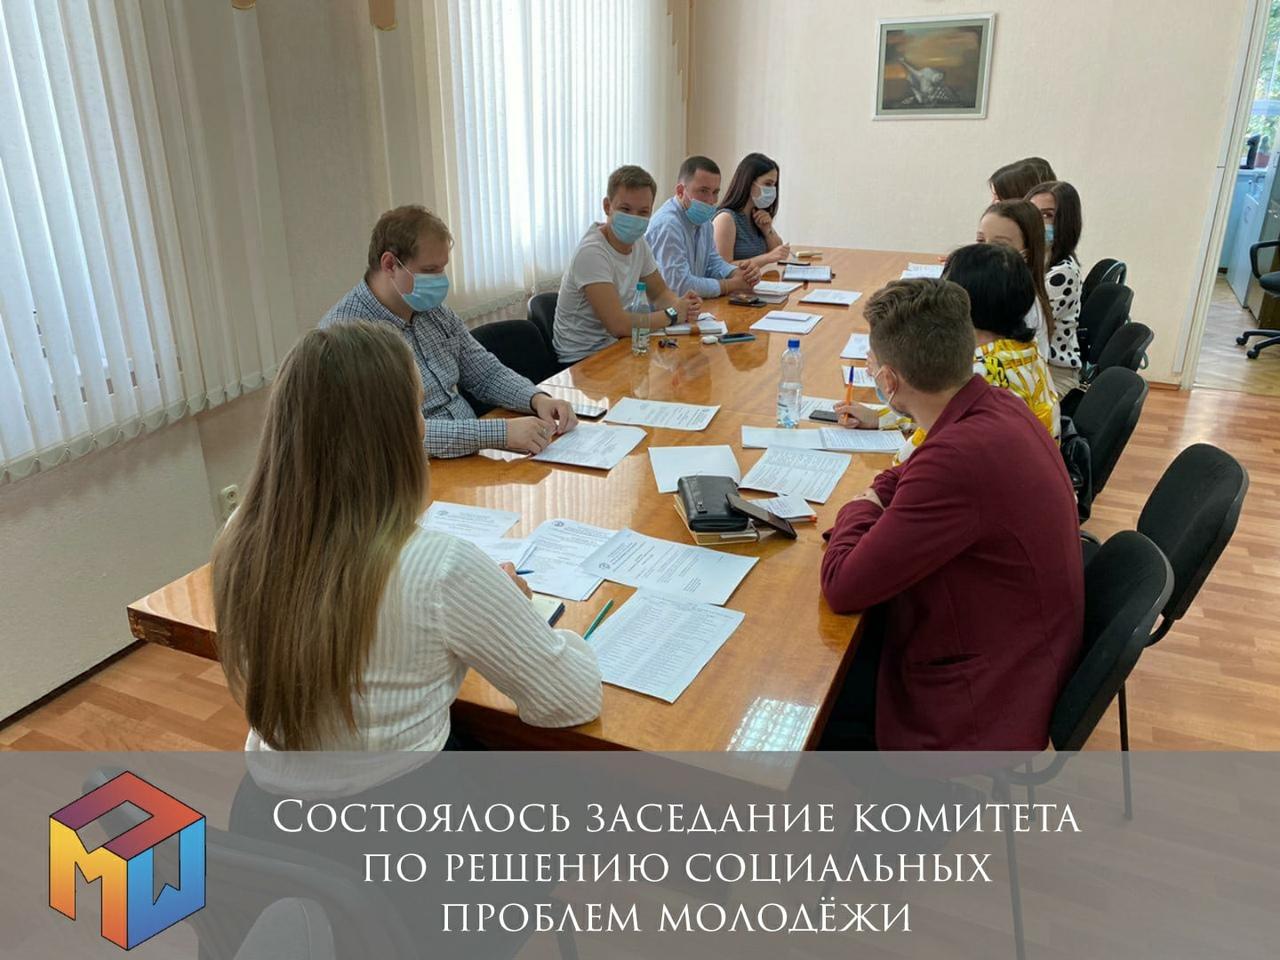 Первое заседание комитета по решению социальных проблем молодёжи